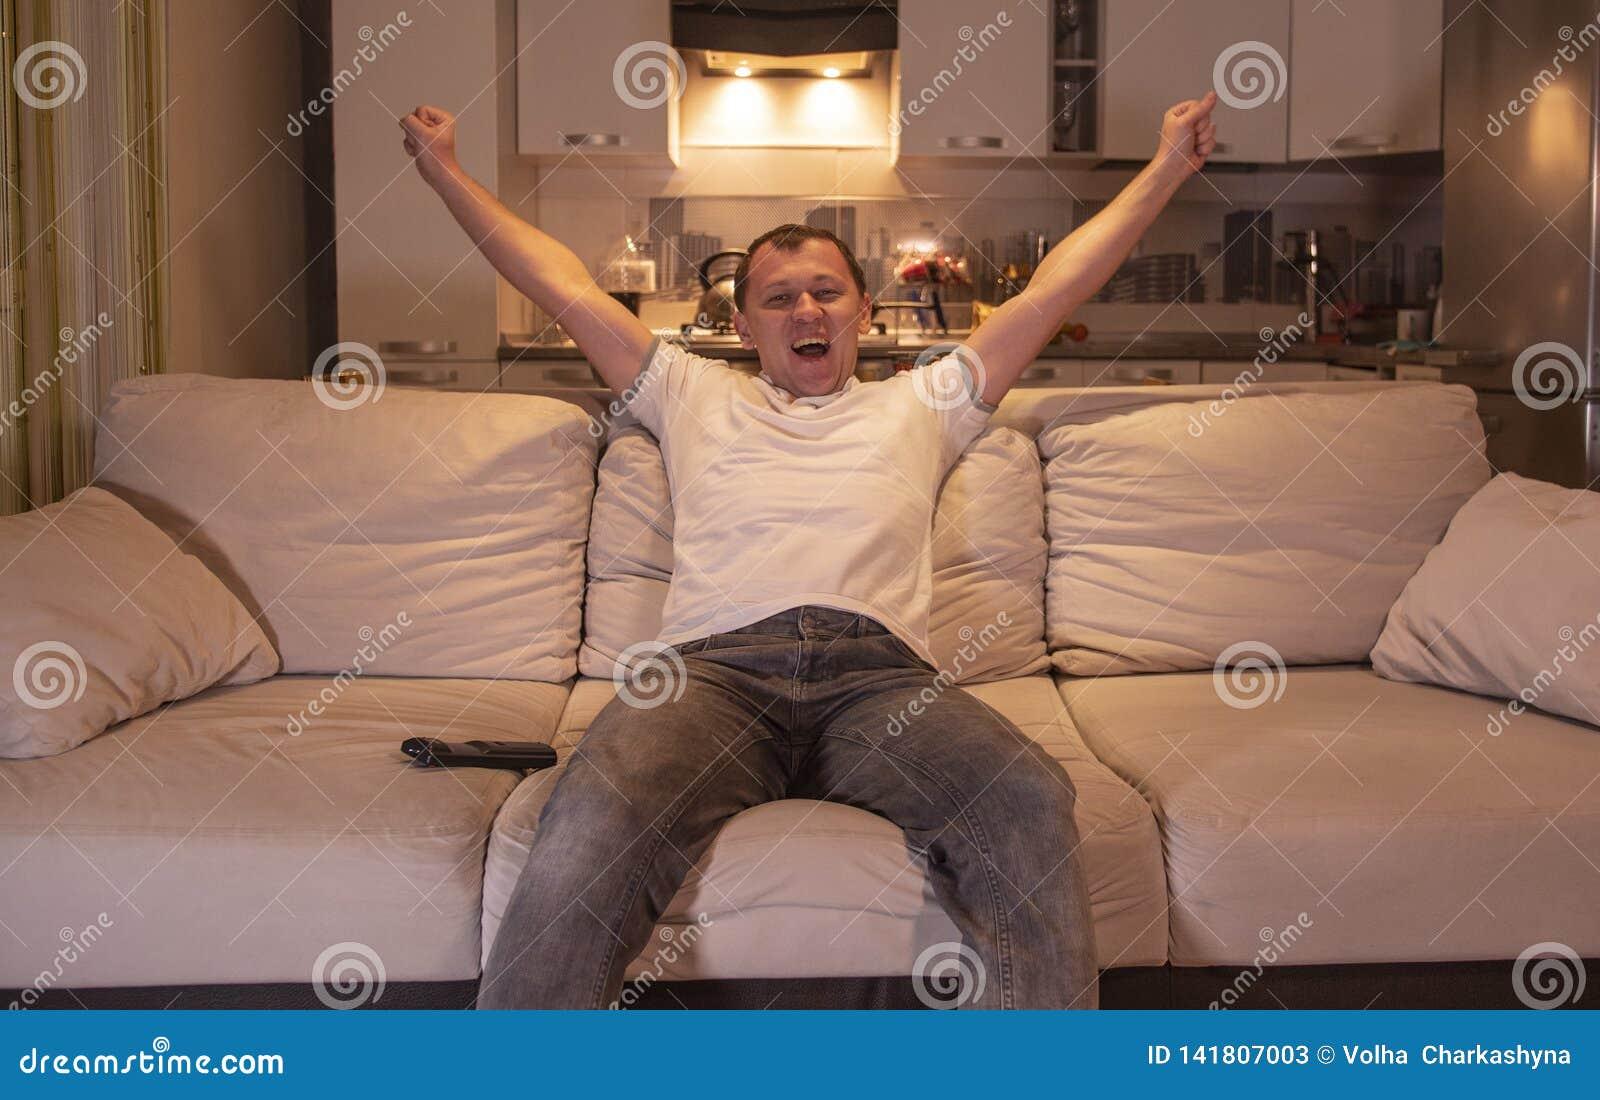 Der Mann, der zu Hause ein Spiel, aufpasst auf dem Sofa am Abend im Fernsehen zu sitzen, stützt das Fußballteam, sich freut das Z